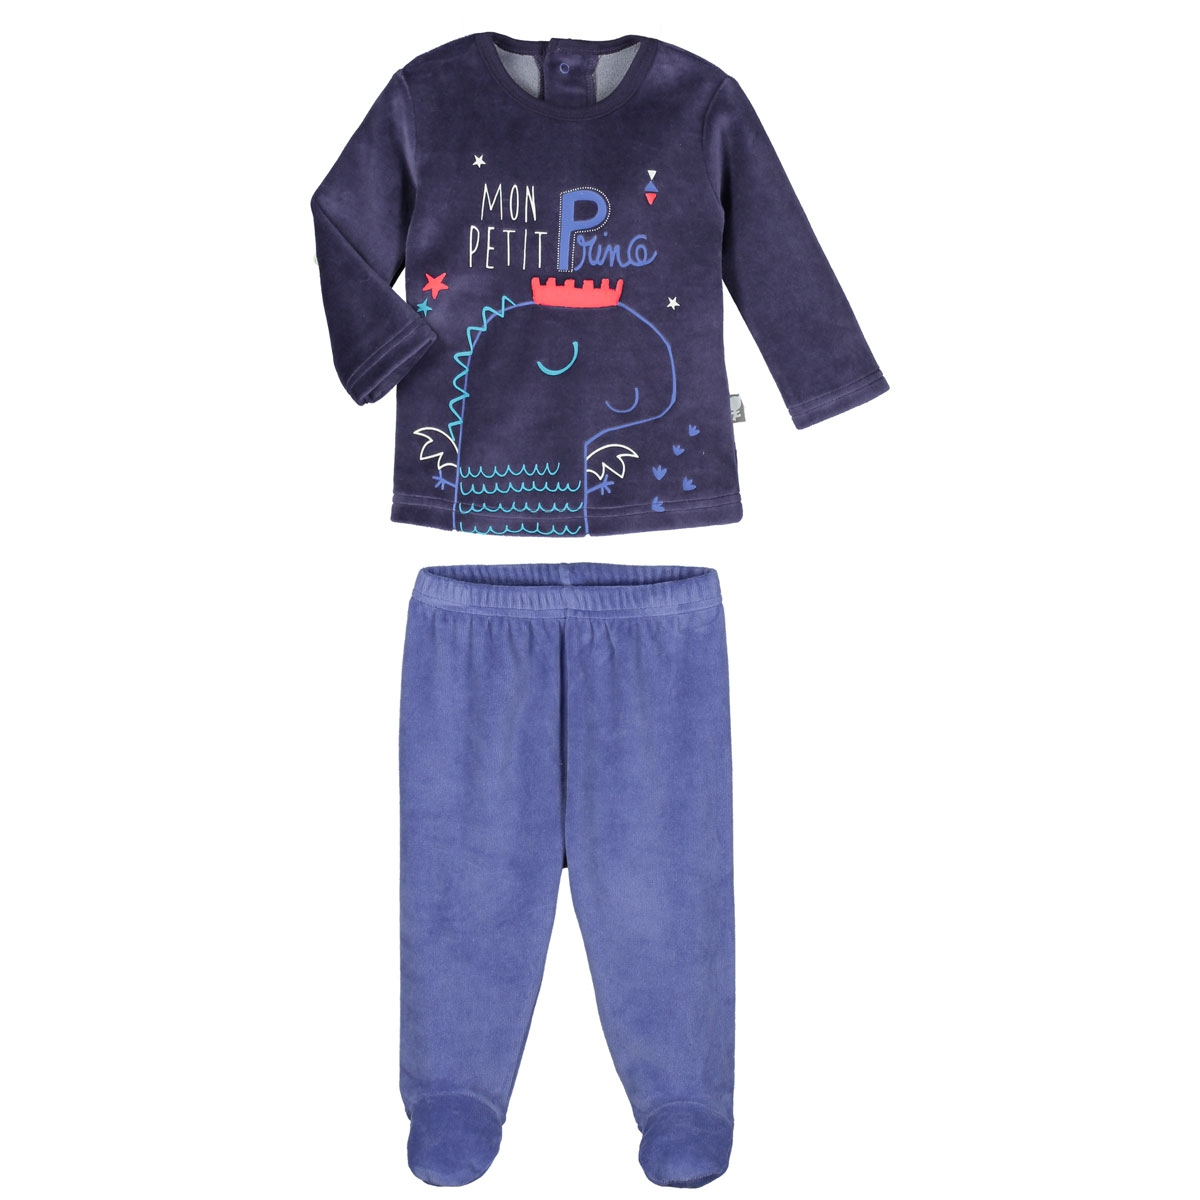 420d6cd3aa6fe Pyjama bébé 2 pièces velours avec pieds Petit Prince - PETIT BEGUIN